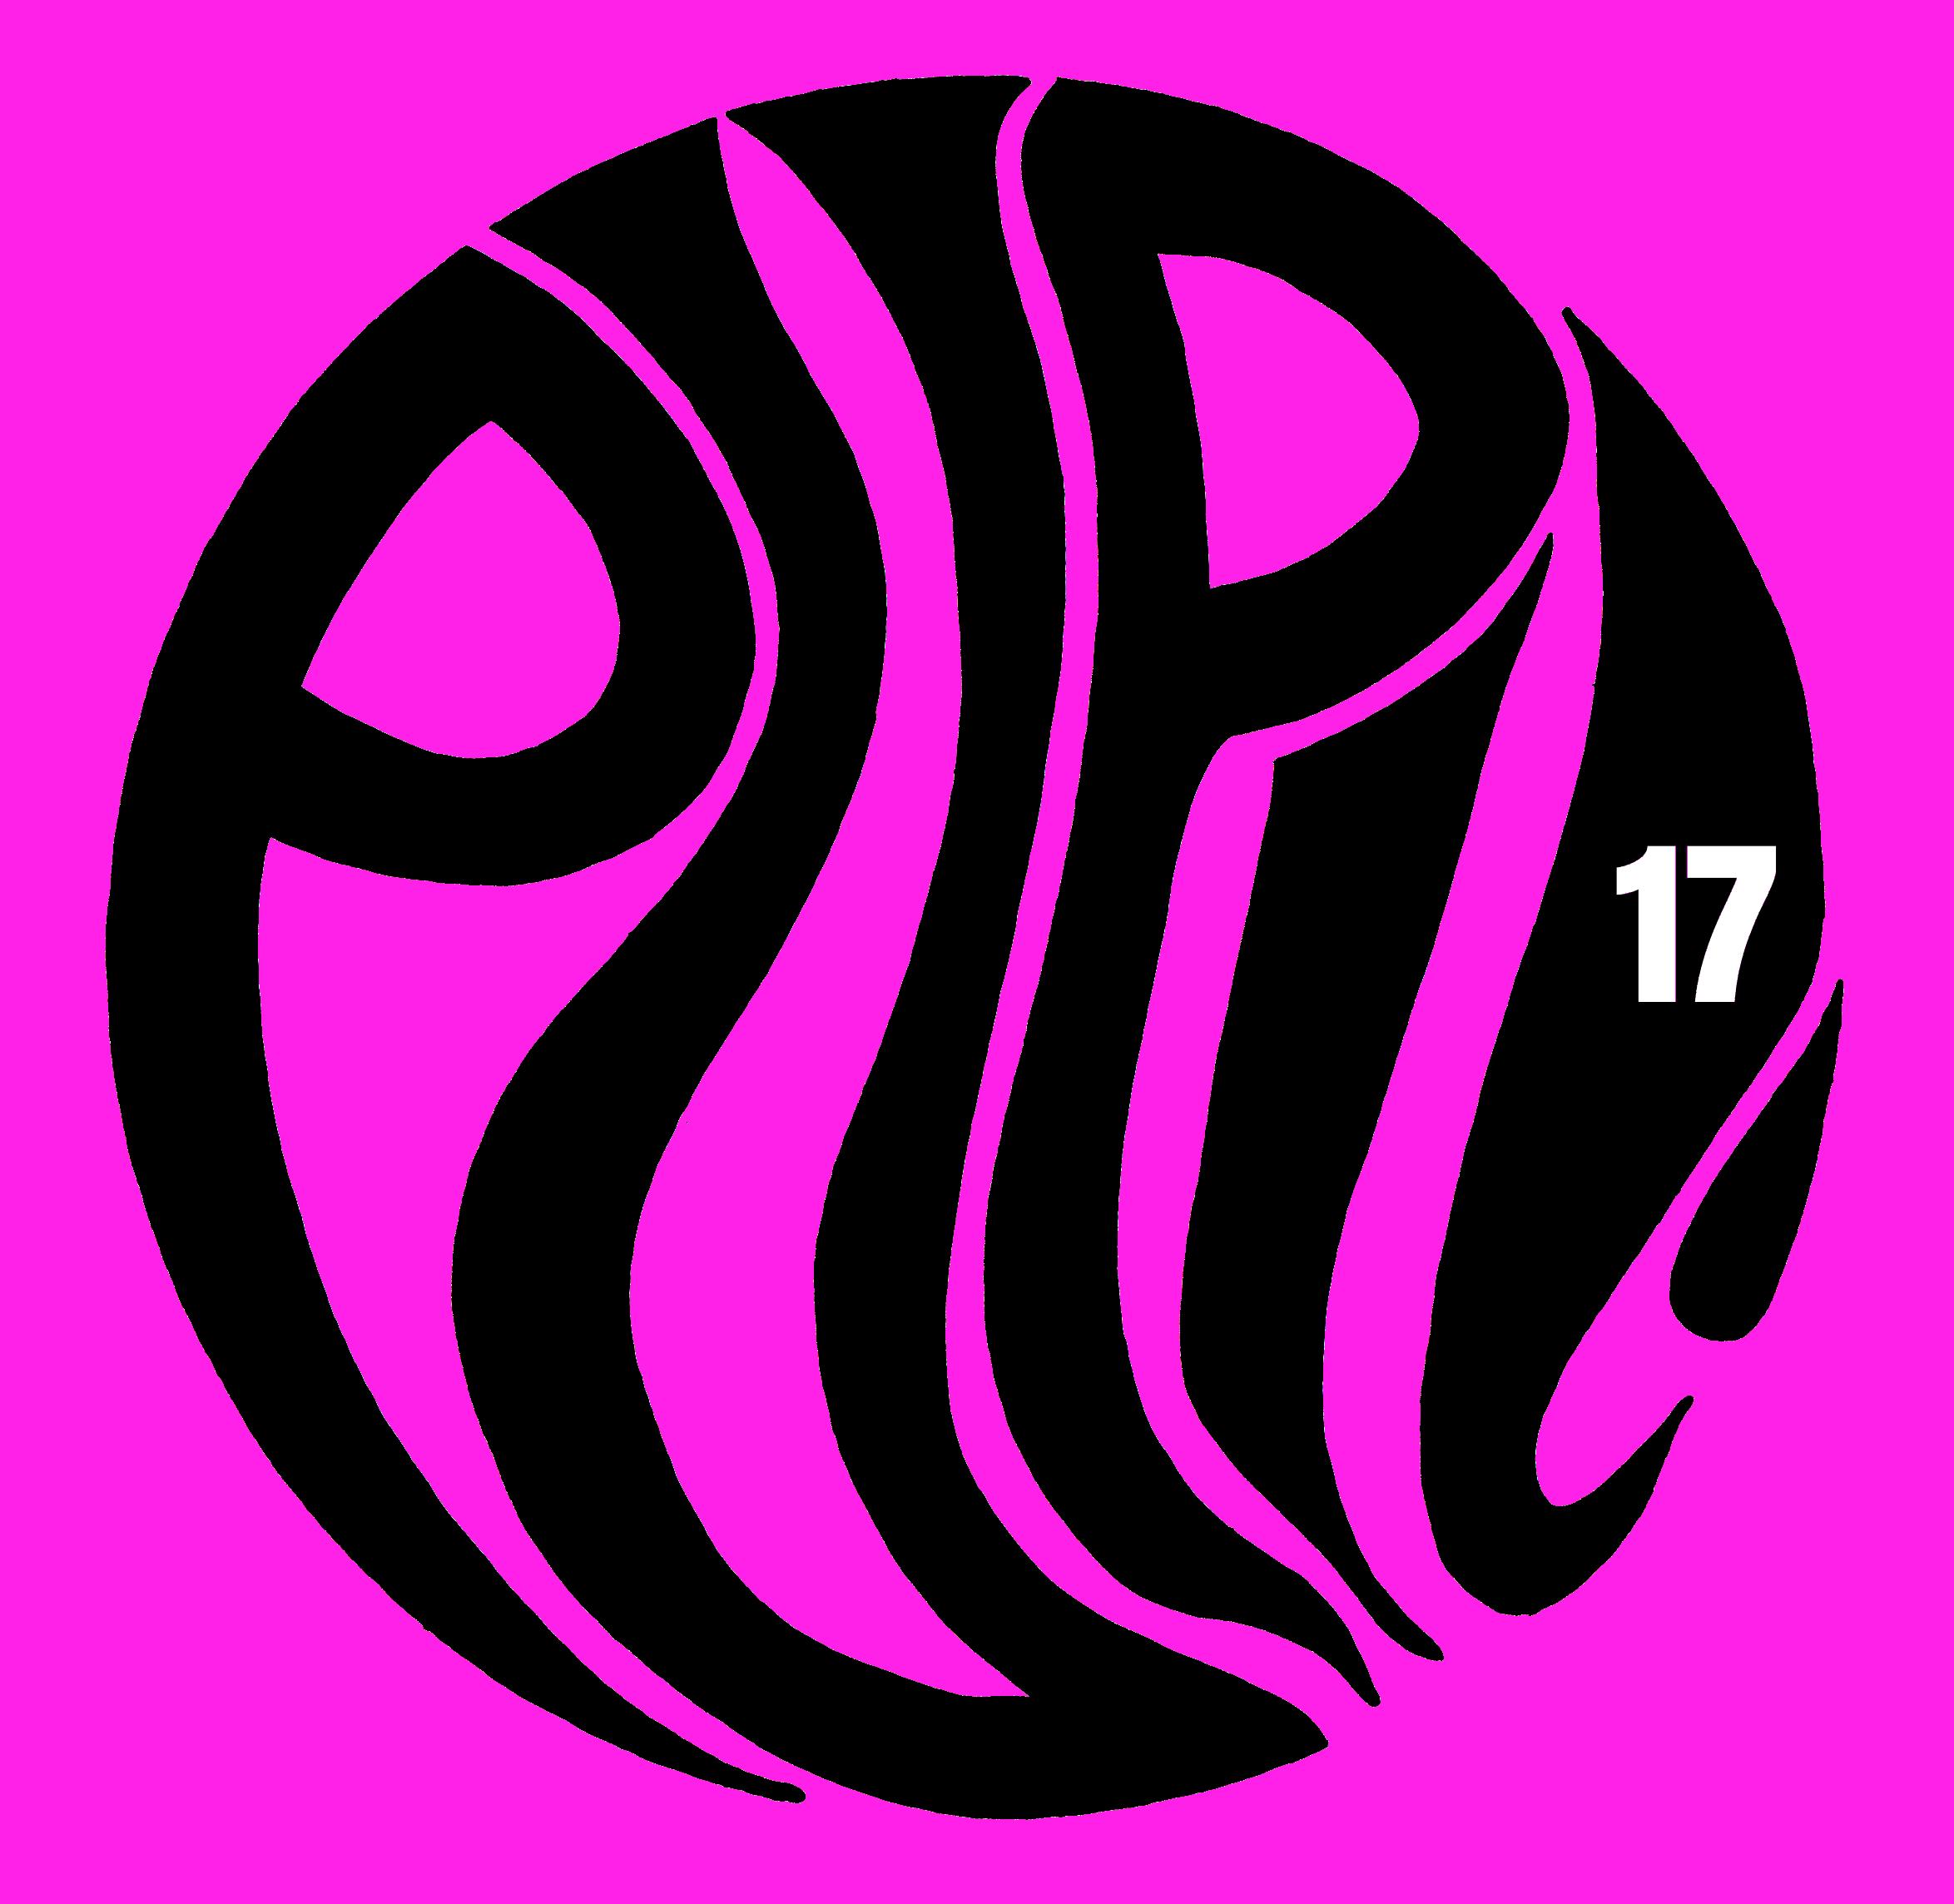 (c) Pupil17.de